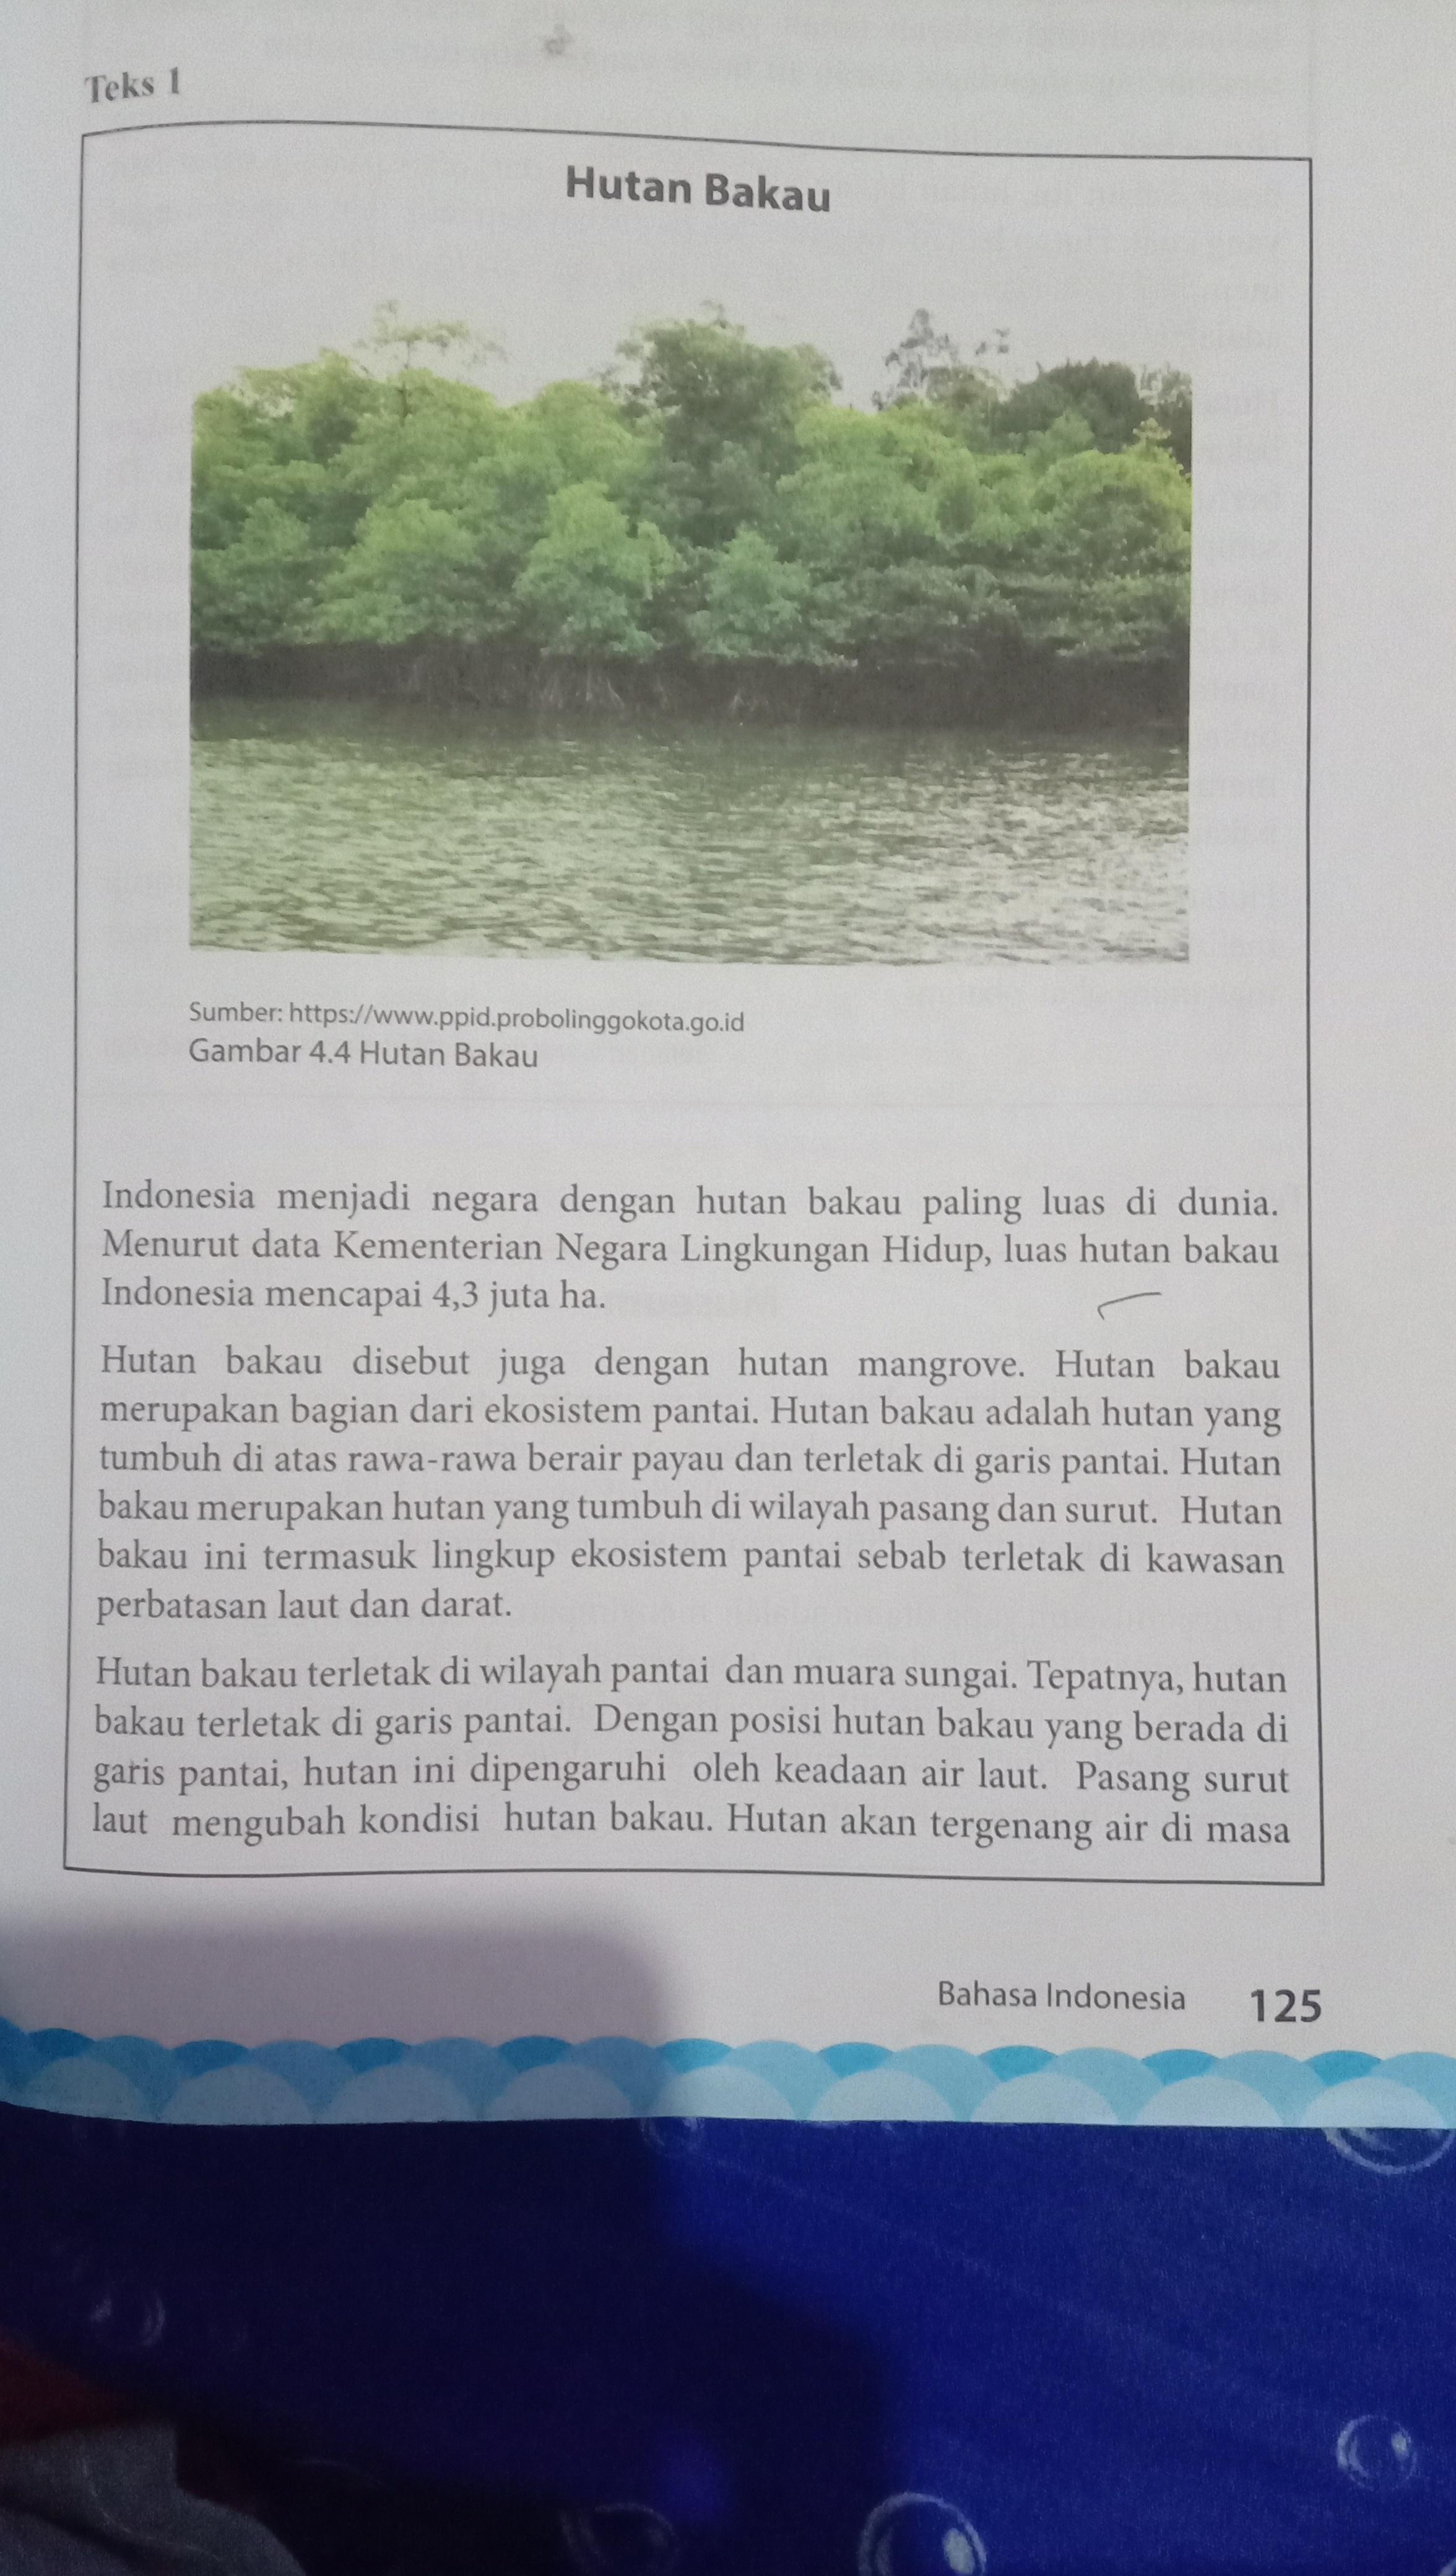 Sebutkan Manfaat Hutan Mangrove : sebutkan, manfaat, hutan, mangrove, (hutan, Bakau), (museum), Setelah, Membaca, Diatas, Diskusikan, Hal-hal, Berikut!, Brainly.co.id